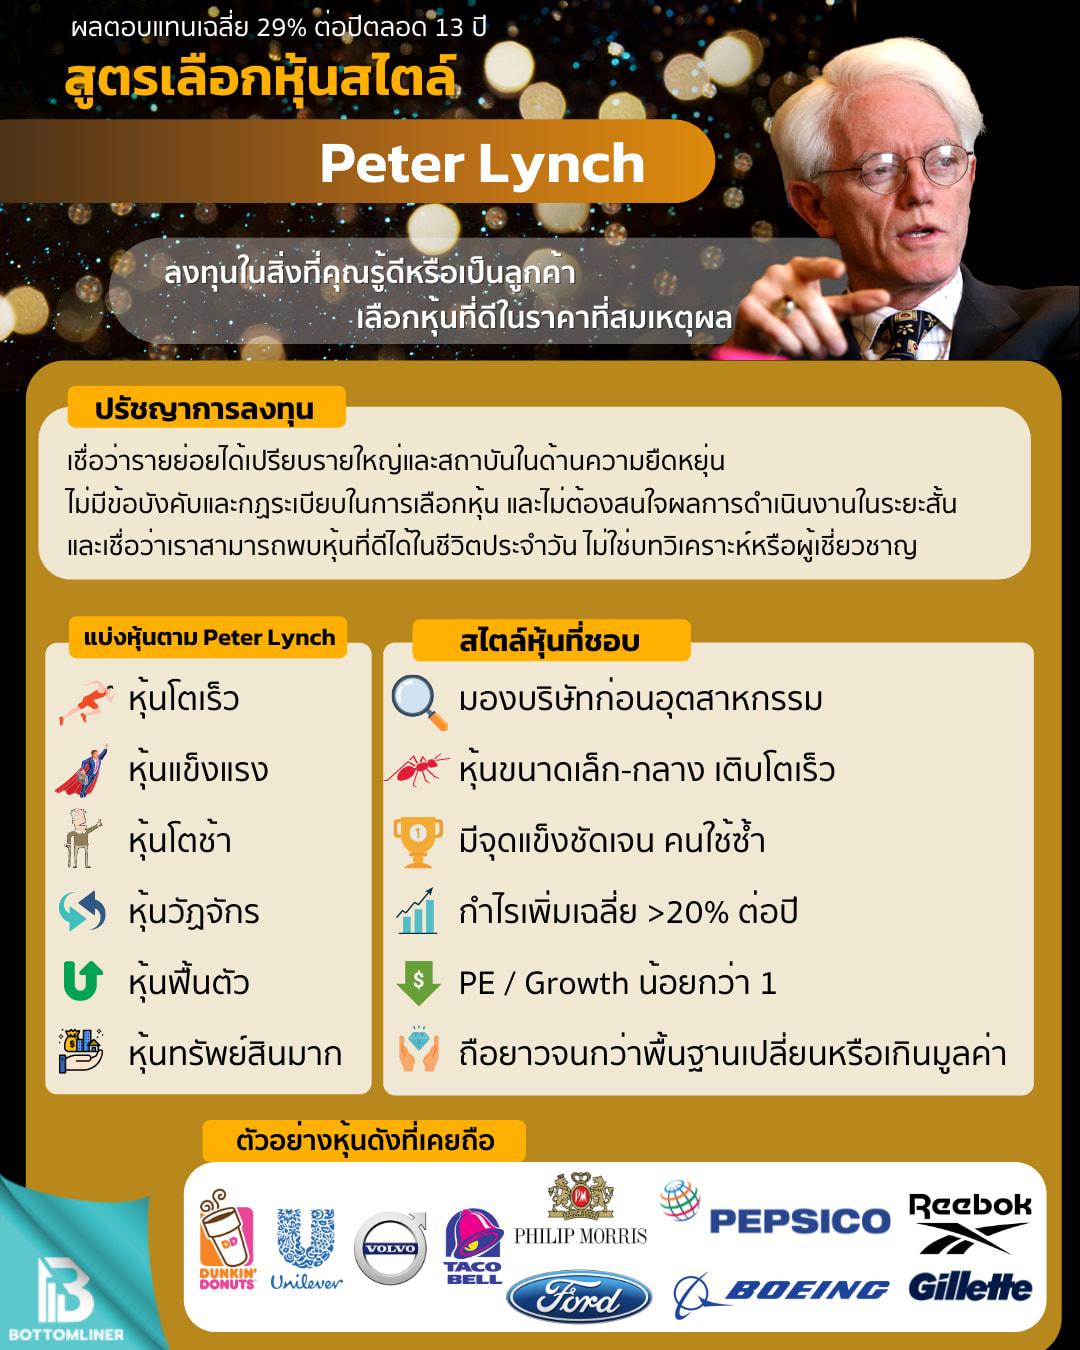 สูตรเลือกหุ้นสไตล์ Peter Lynch